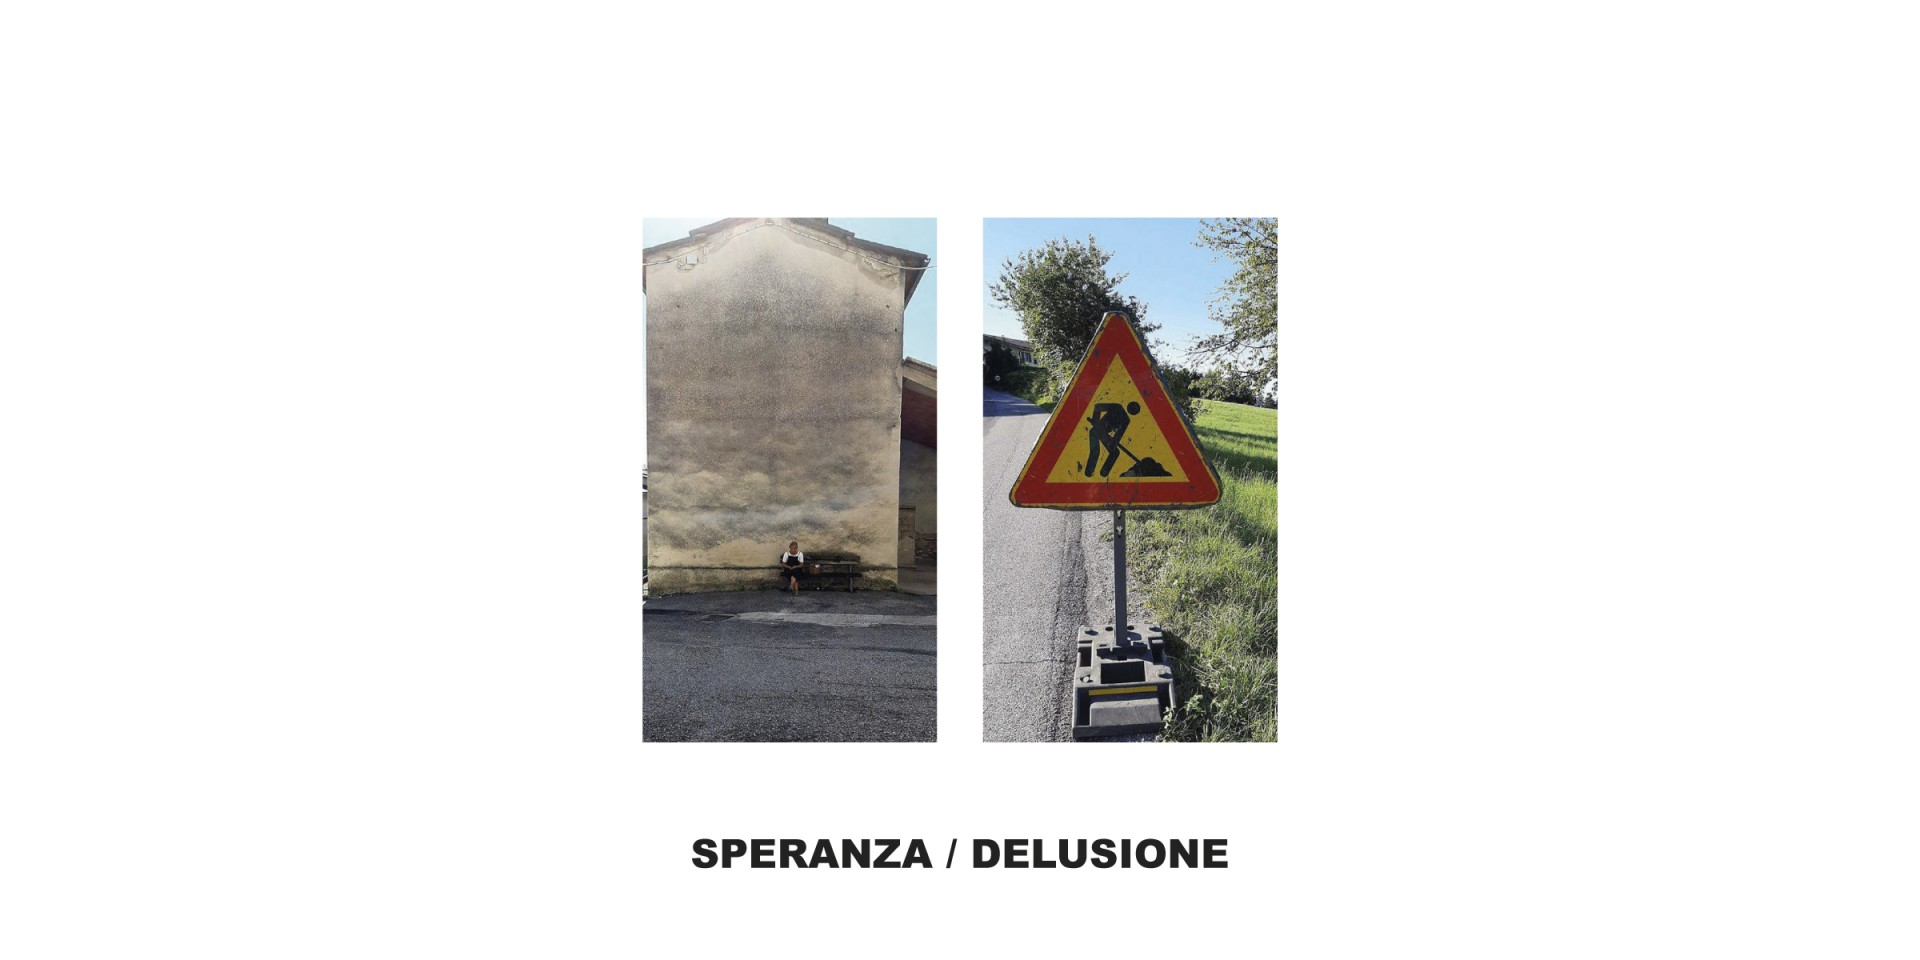 05-slide-speranza-delusione-5.jpg